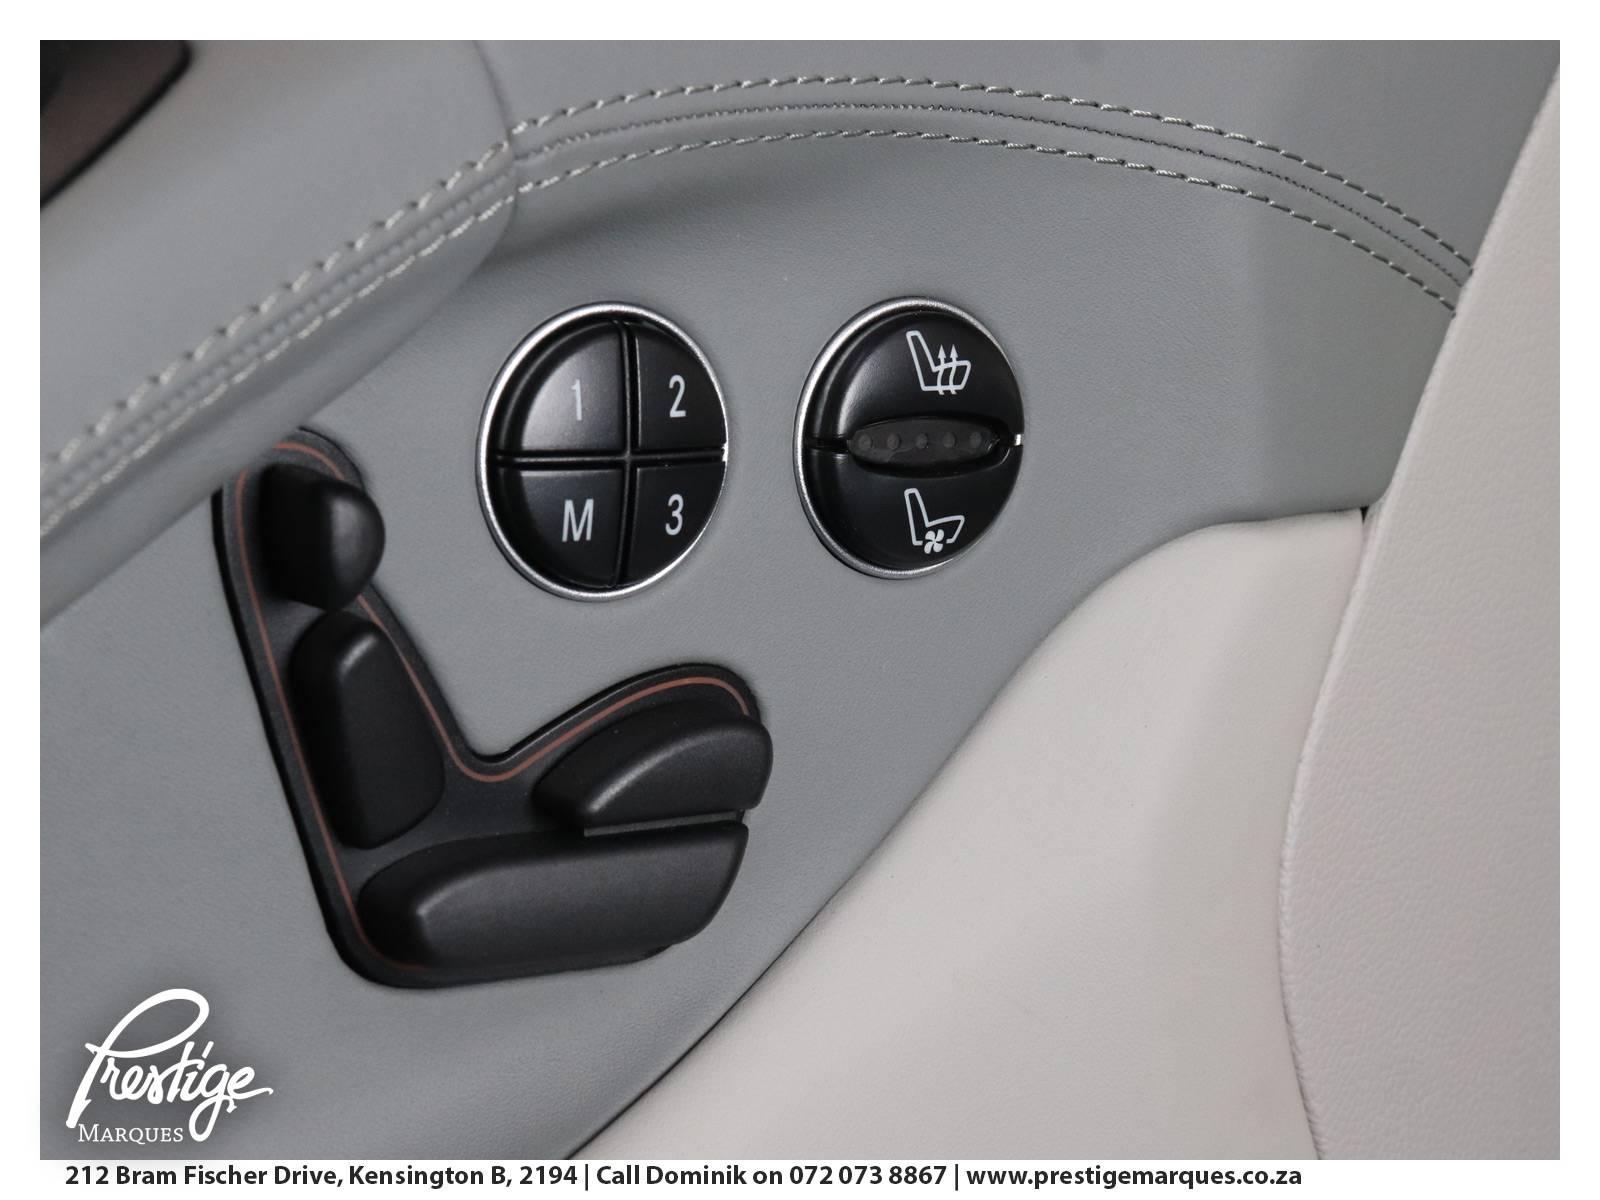 2007-Mercedes-benz-sl500-203-facelift-Prestige-Marques-Randburg-Sandton-19